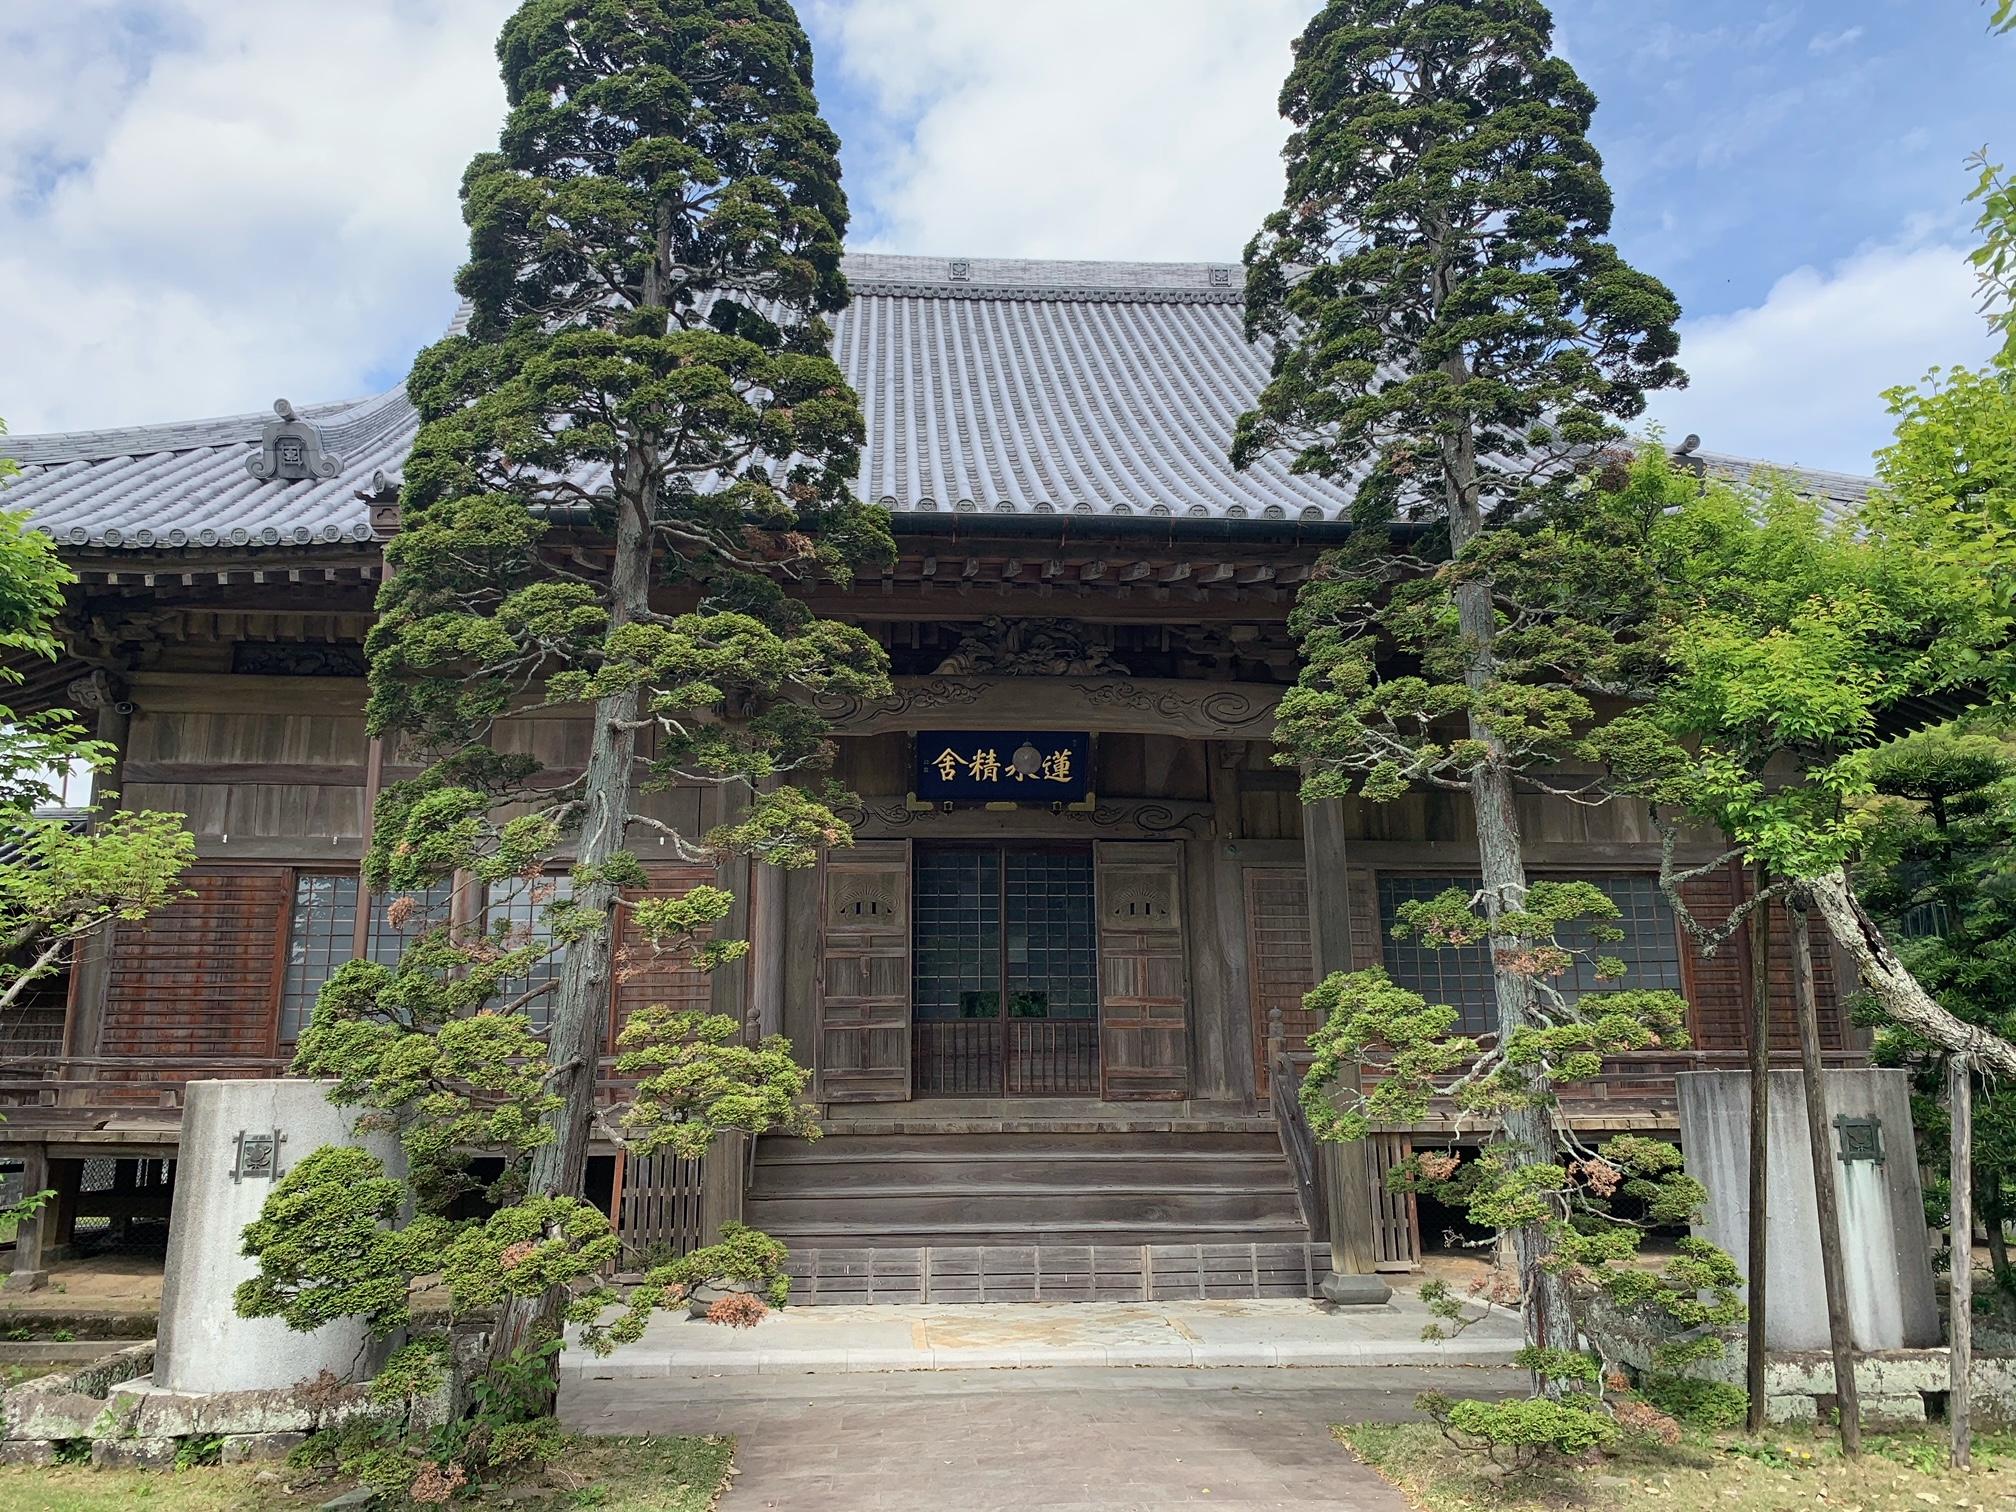 本山 蓮永寺